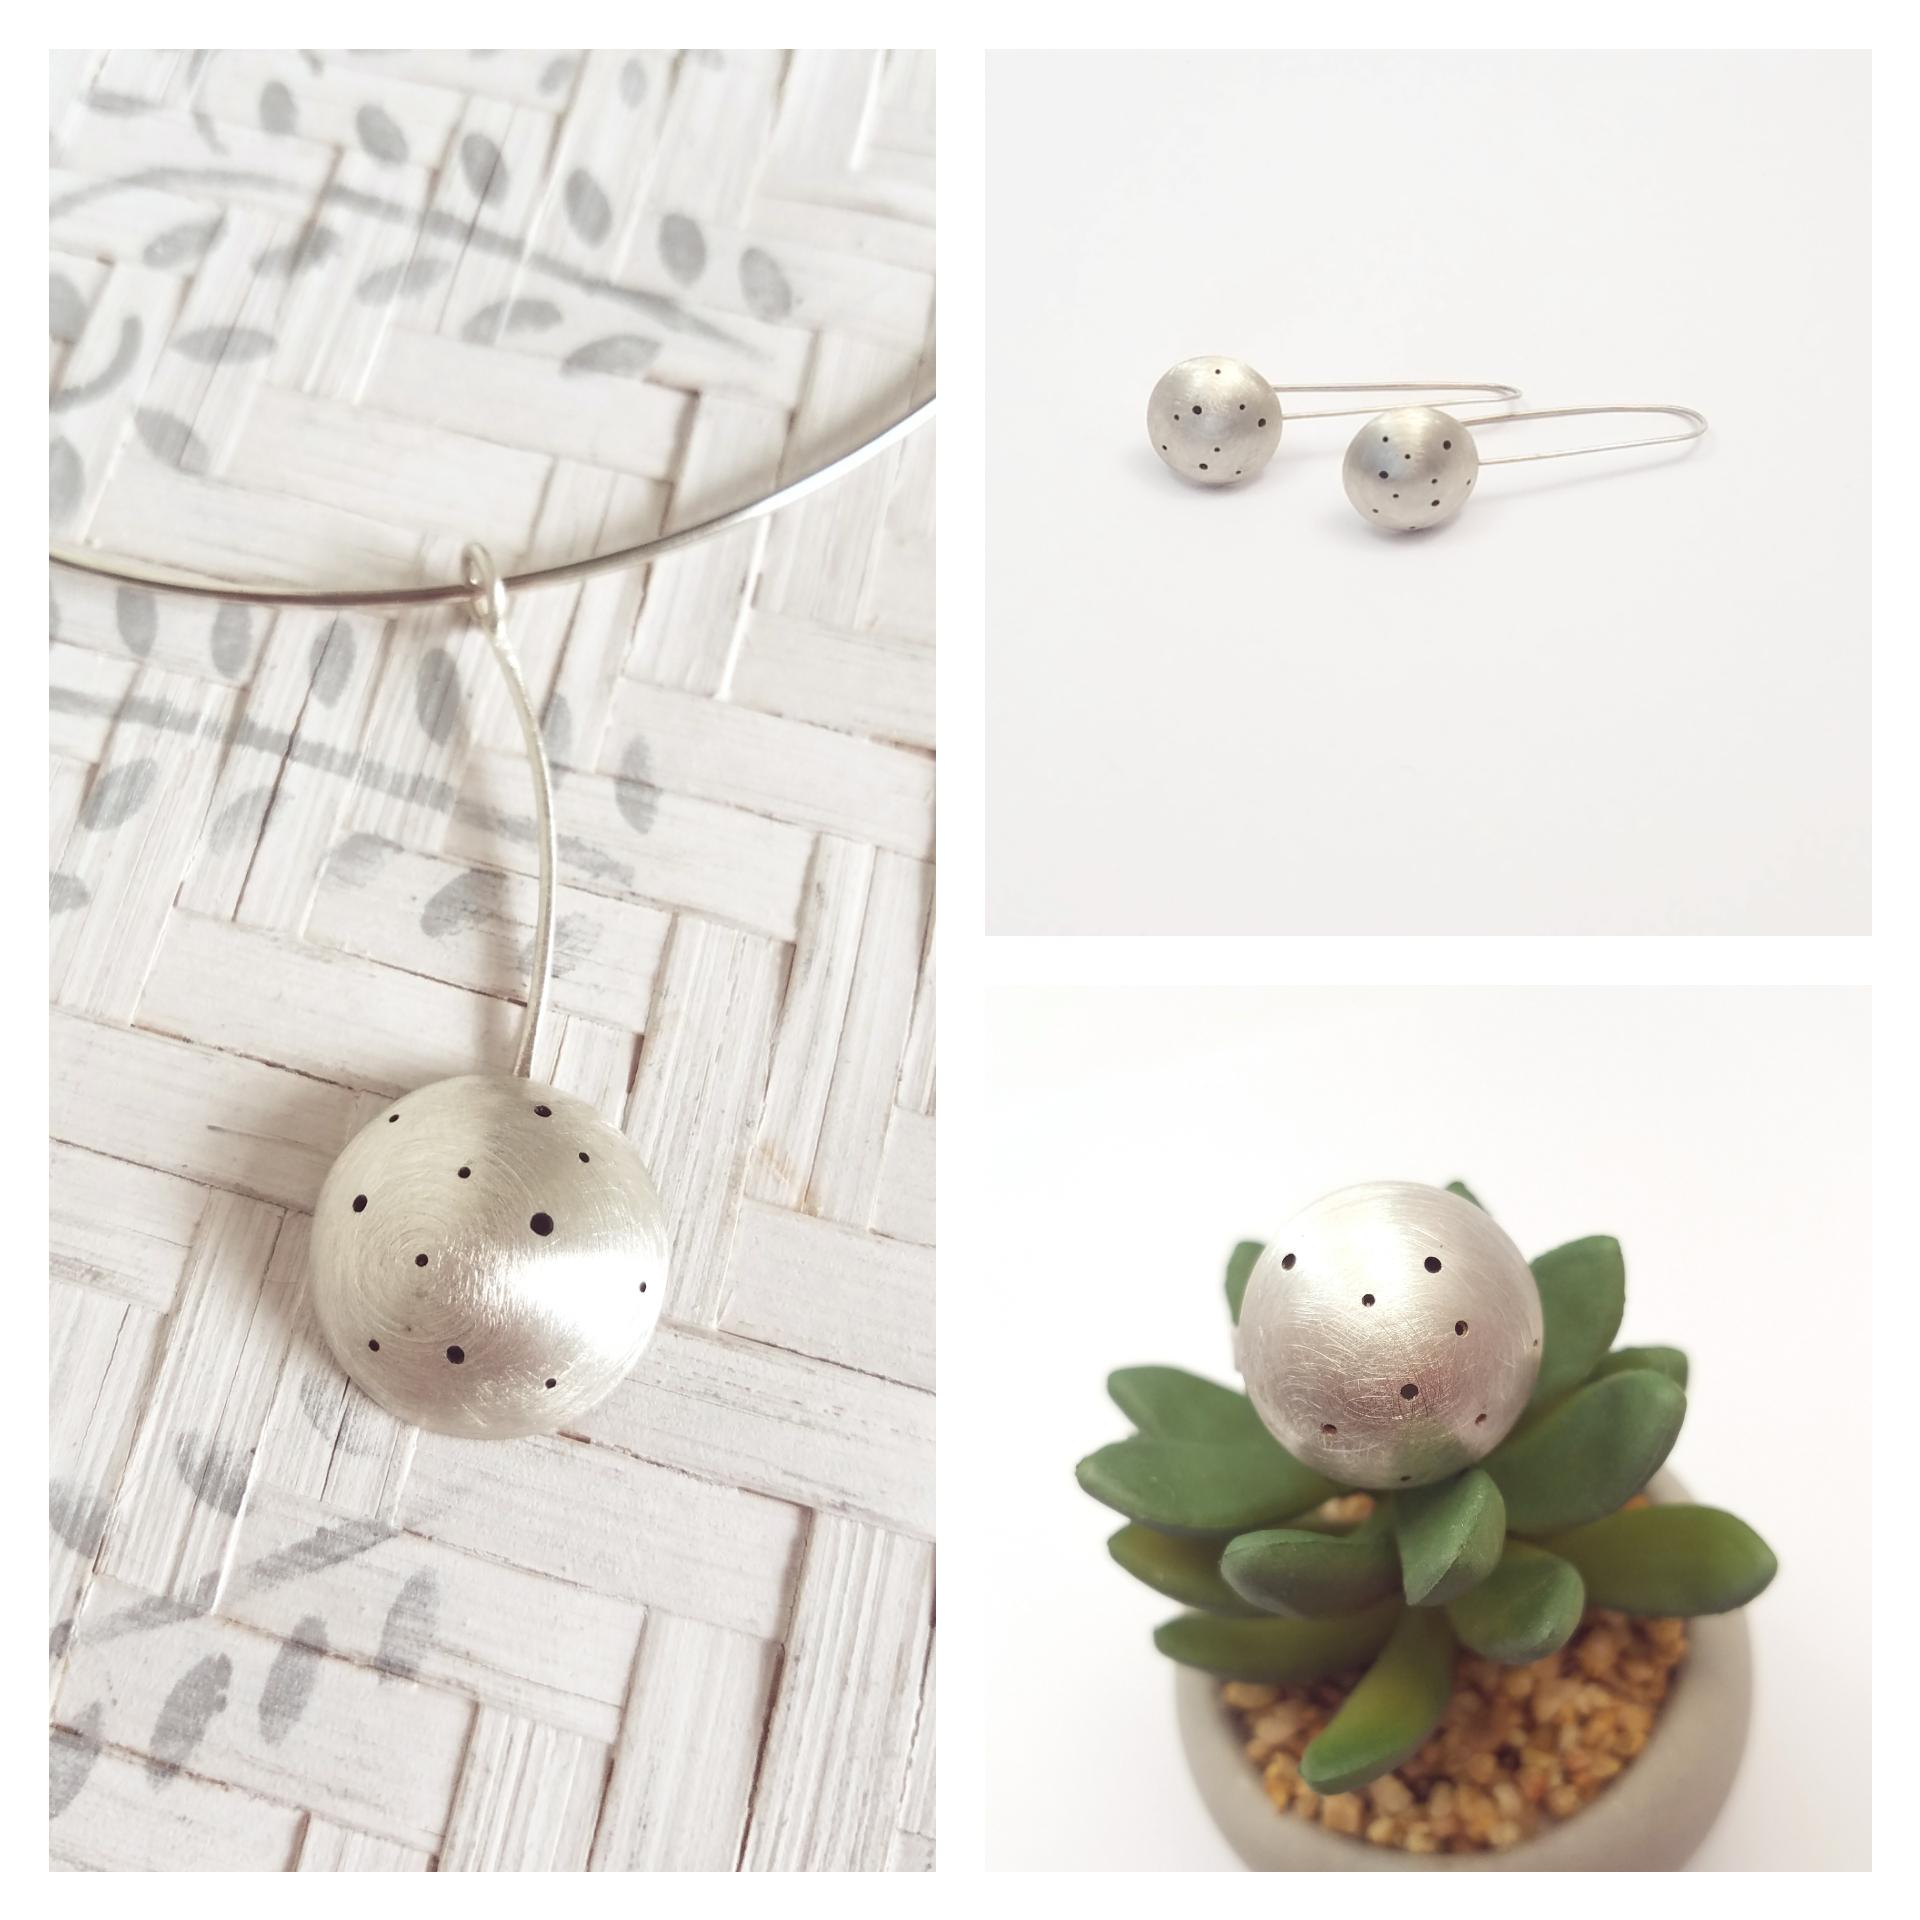 inCollage_20180301_170628796 - Güe Handmade Jewelry.jpg